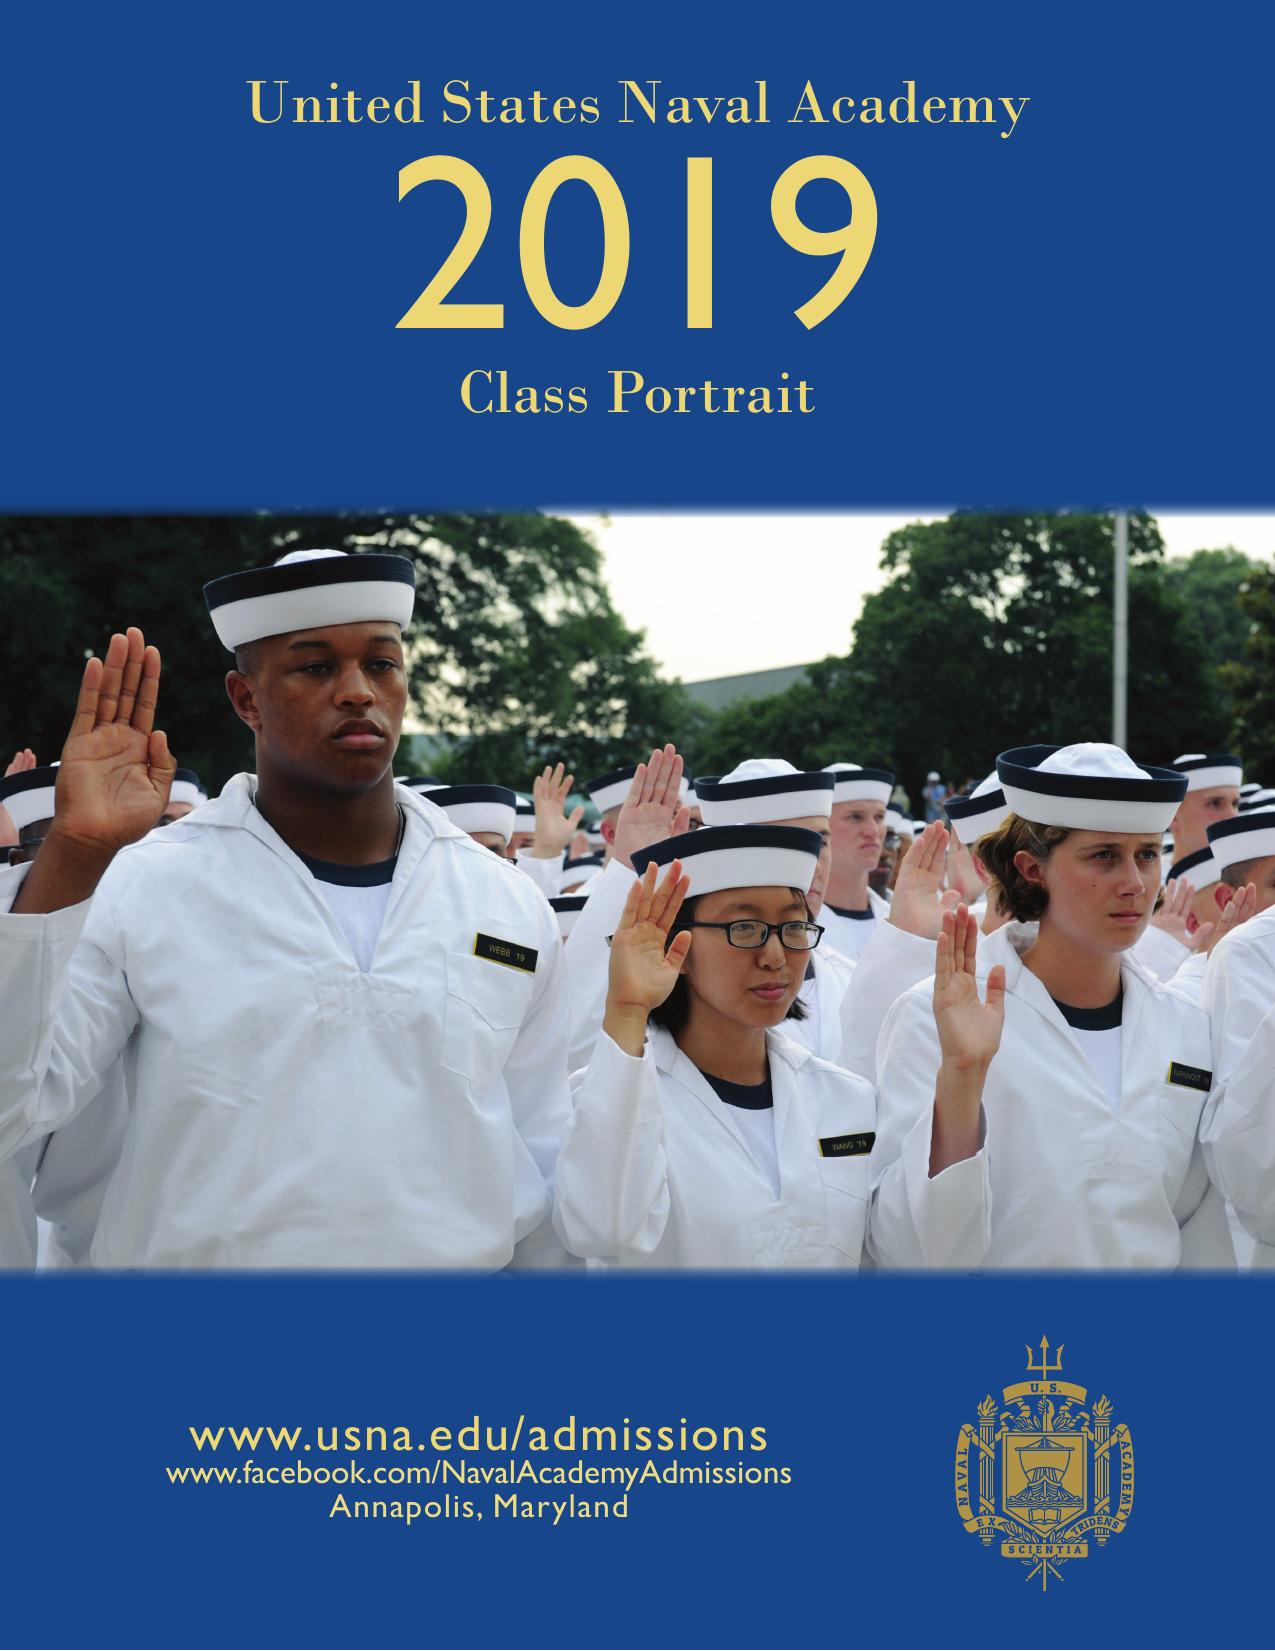 2019 United States Naval Academy Class Portrait www usna edu